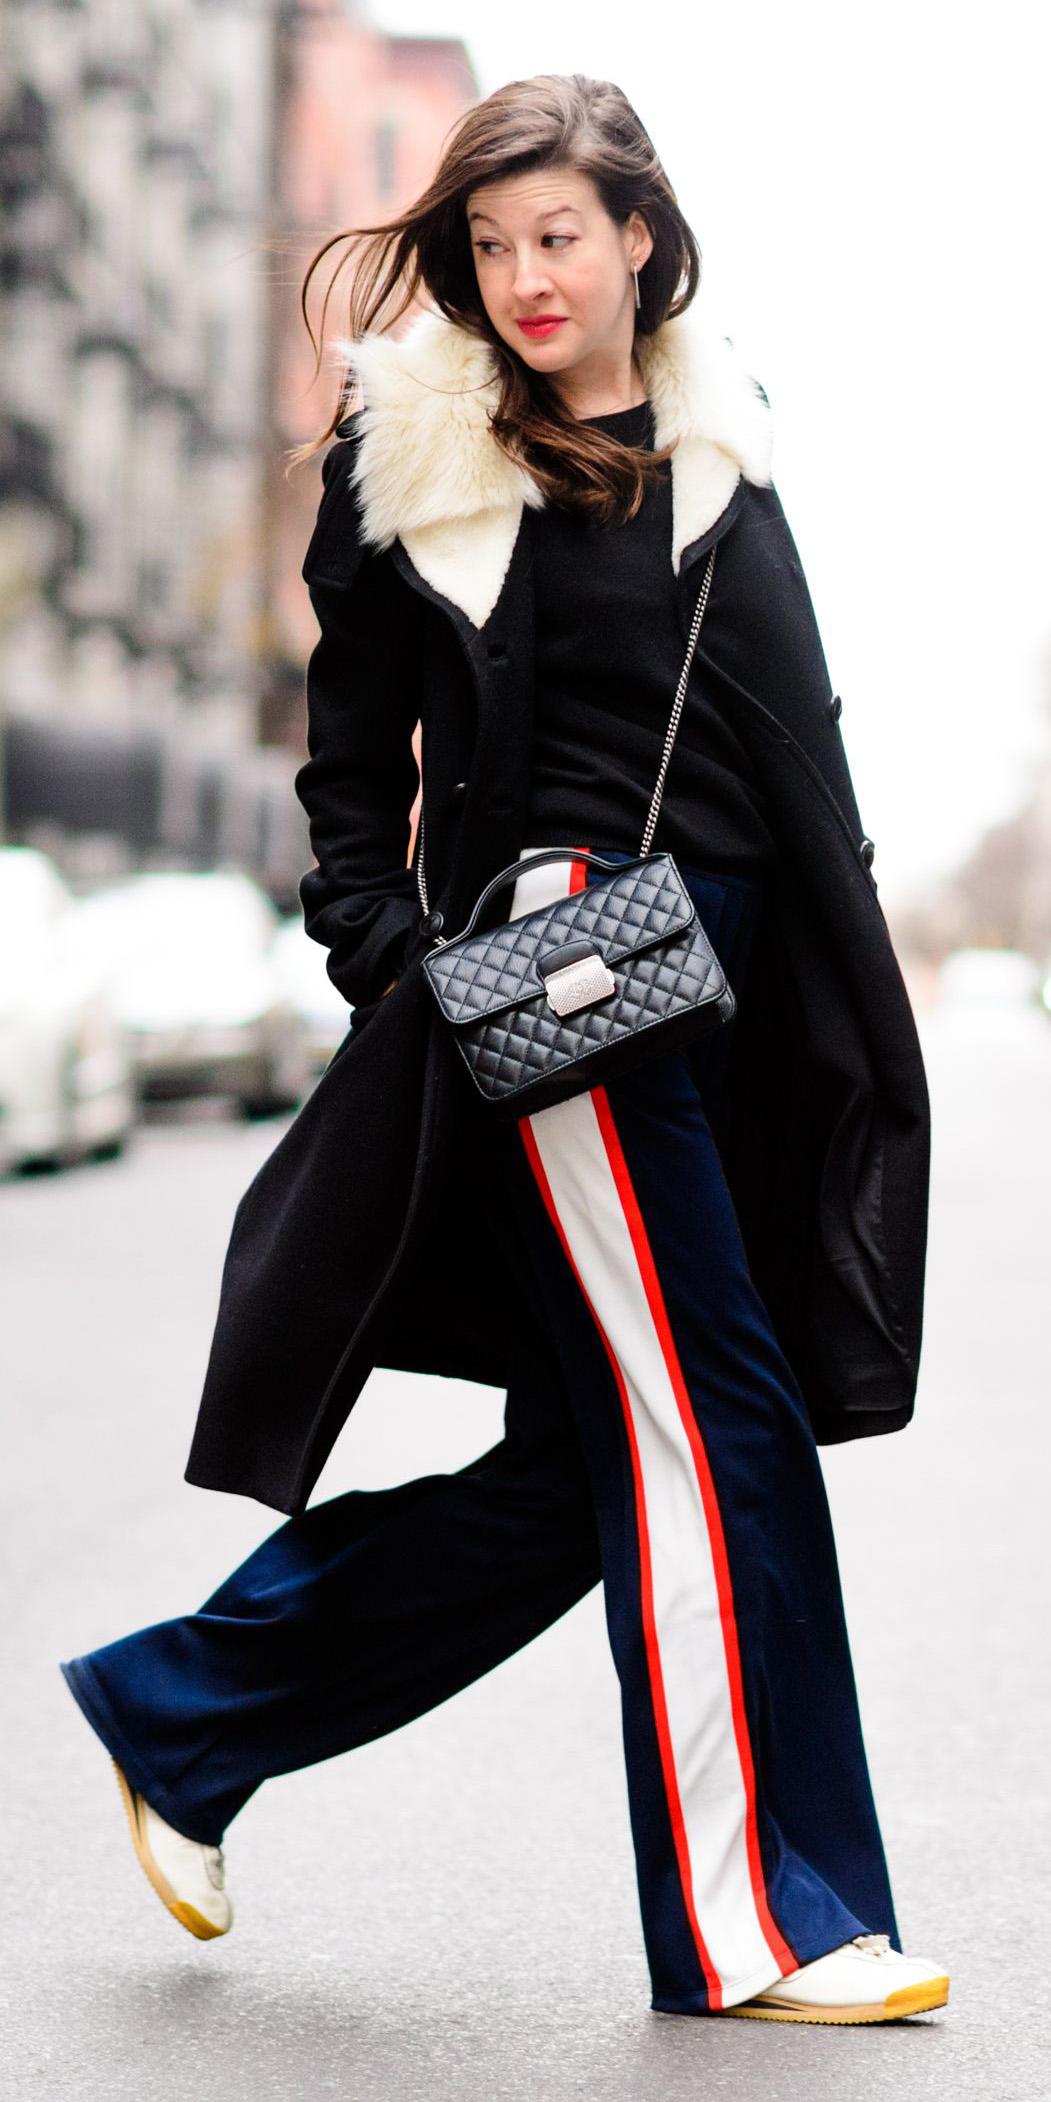 blue-navy-wideleg-pants-trackpants-black-sweater-black-bag-hairr-black-jacket-coat-white-shoe-sneakers-fall-winter-weekend.jpg